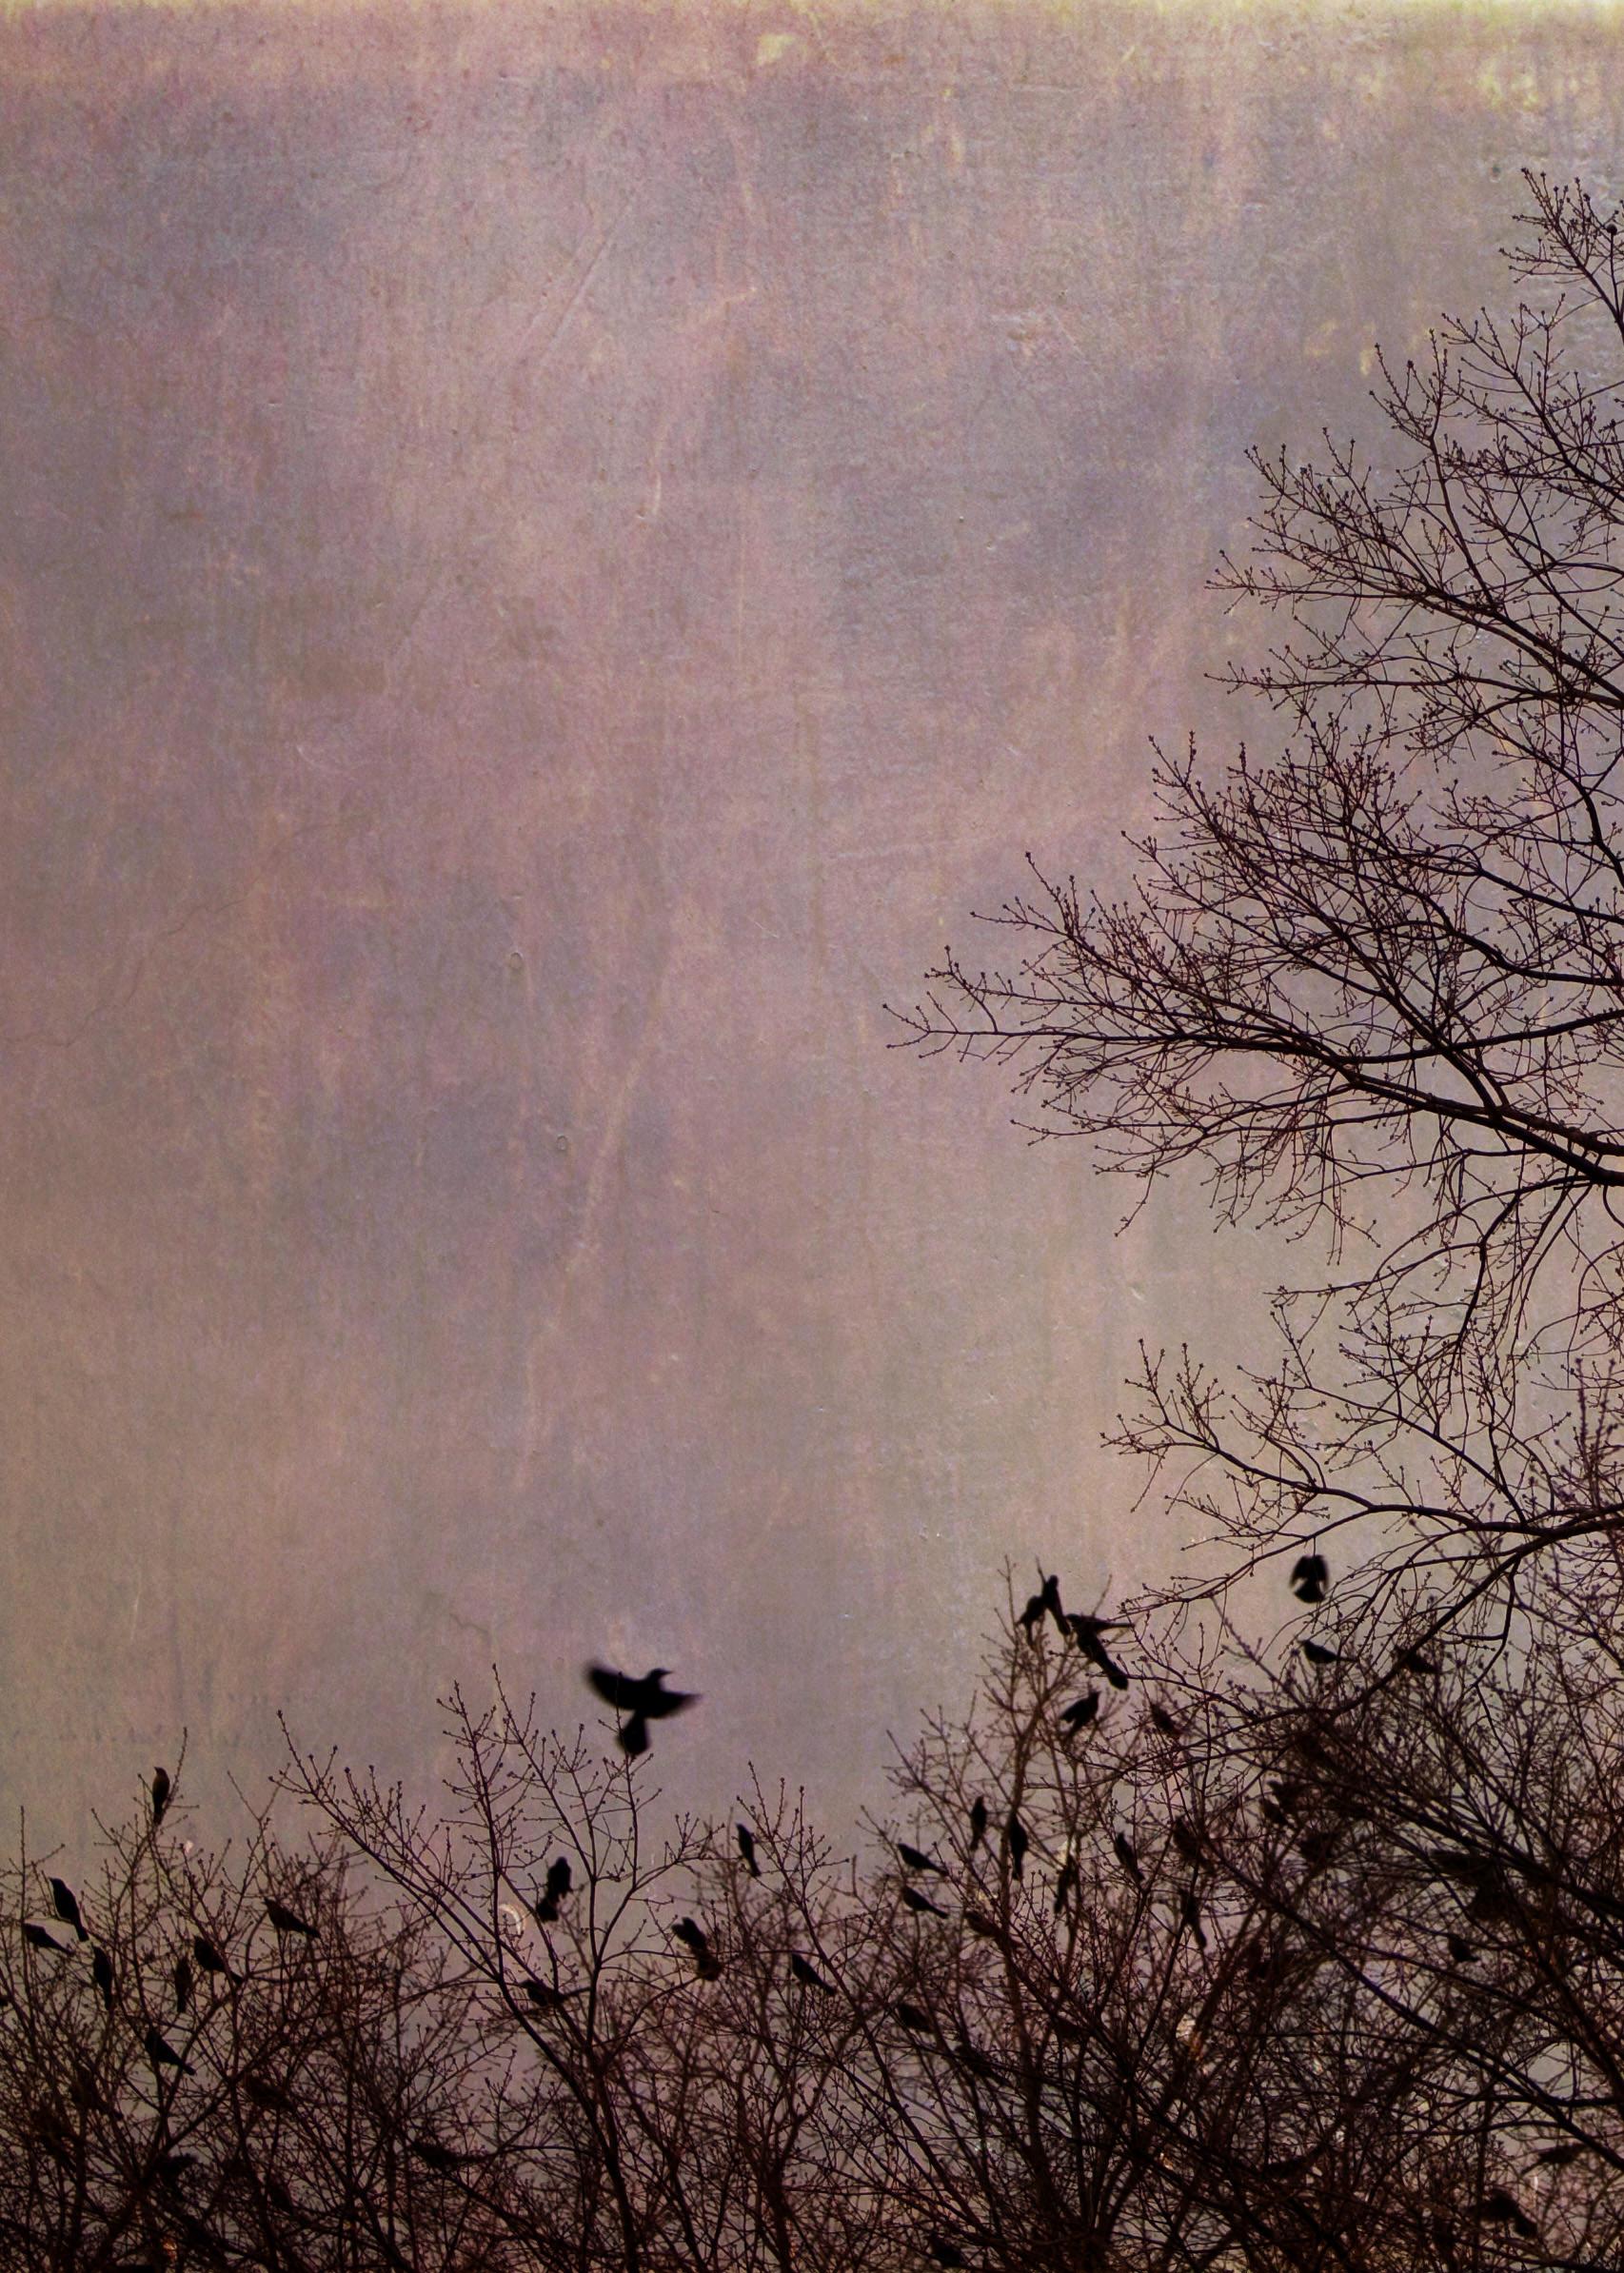 birds_at_dusk_08-7x5-7202.jpg